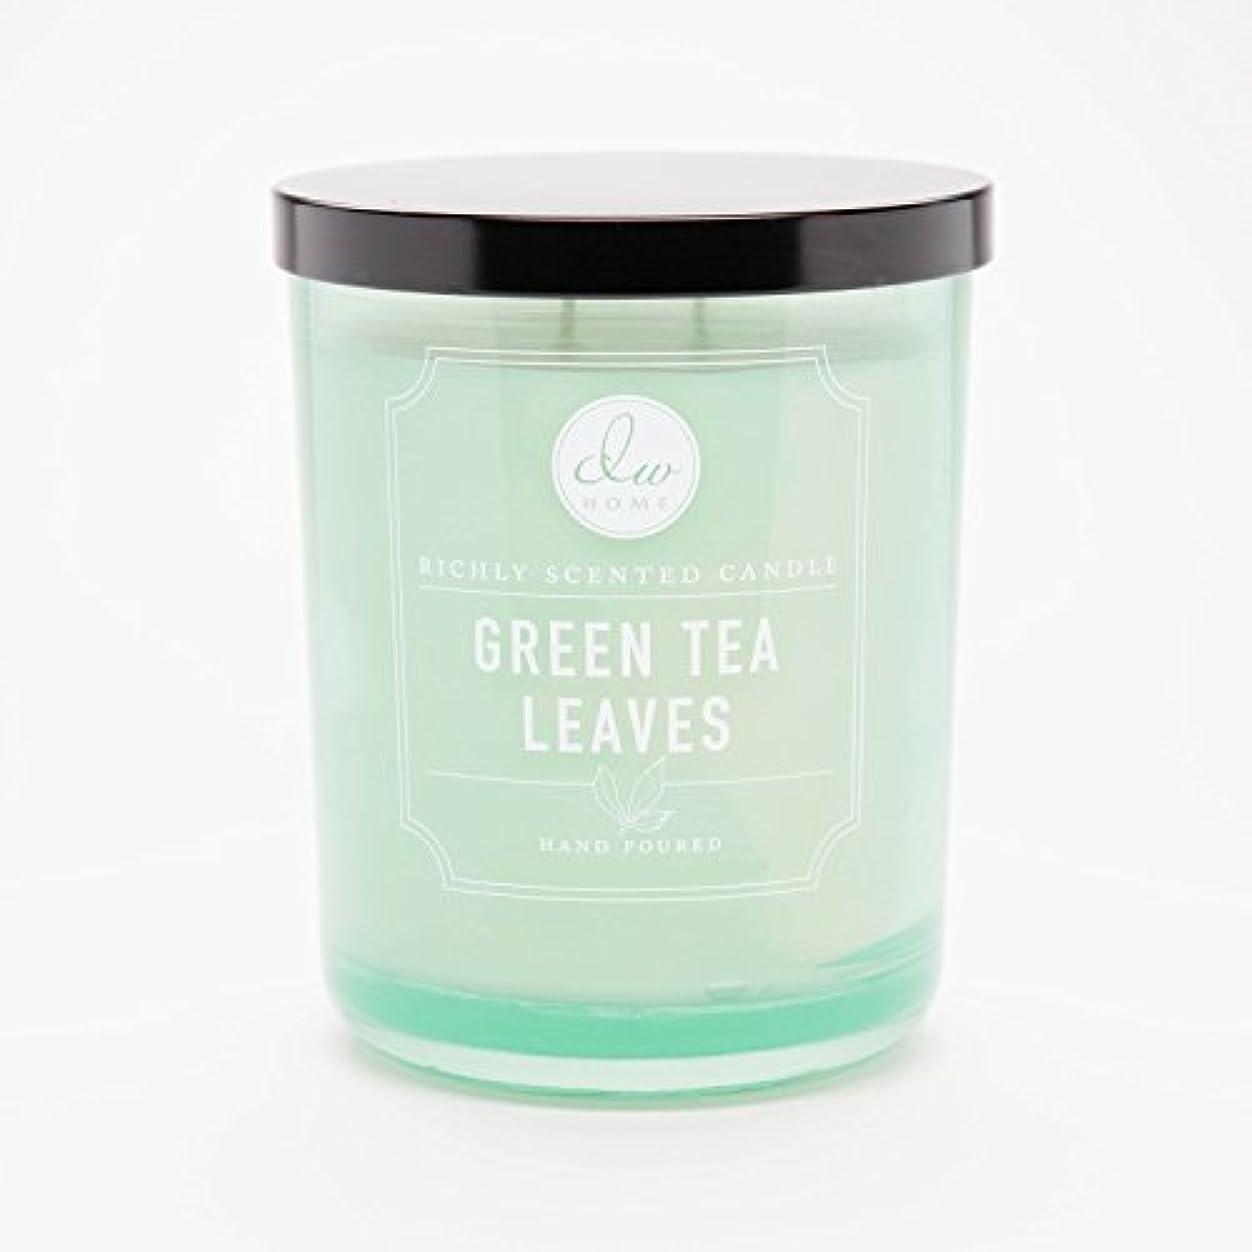 知事絶滅したテンションGreen Tea Leaves Richly Scented Candle Small Single Wick Hand Poured From Dw